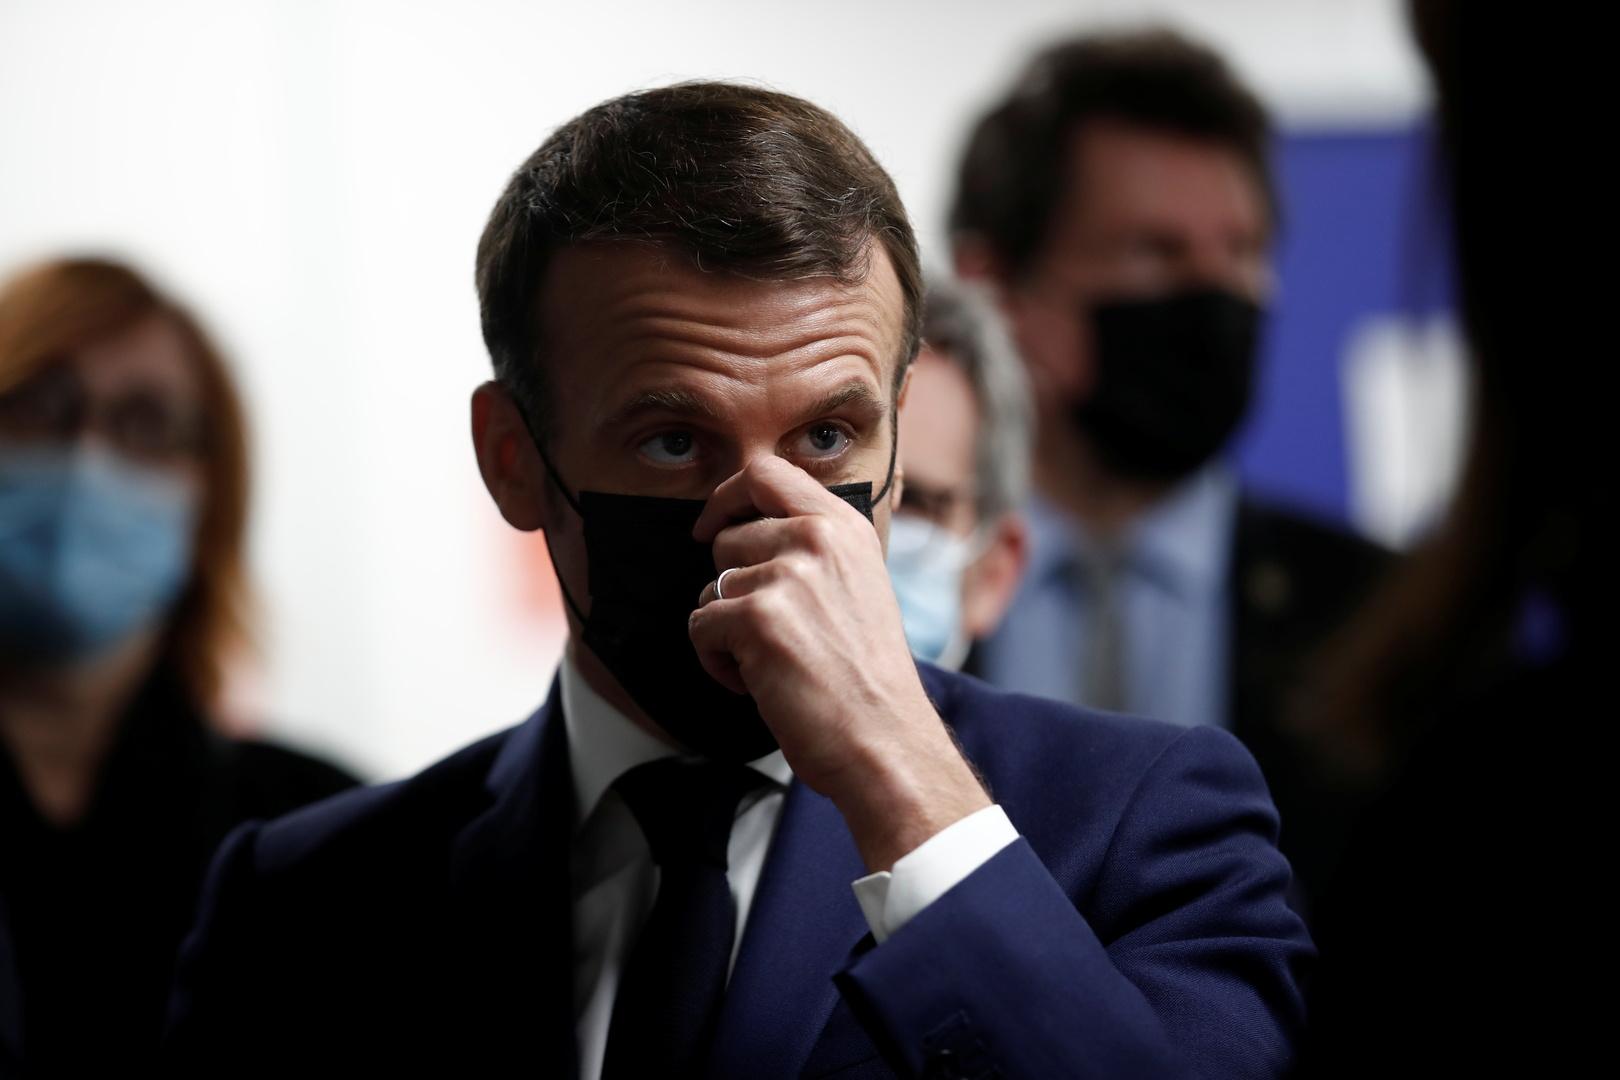 باريس: ماكرون طلب من روحاني بوادر واضحة